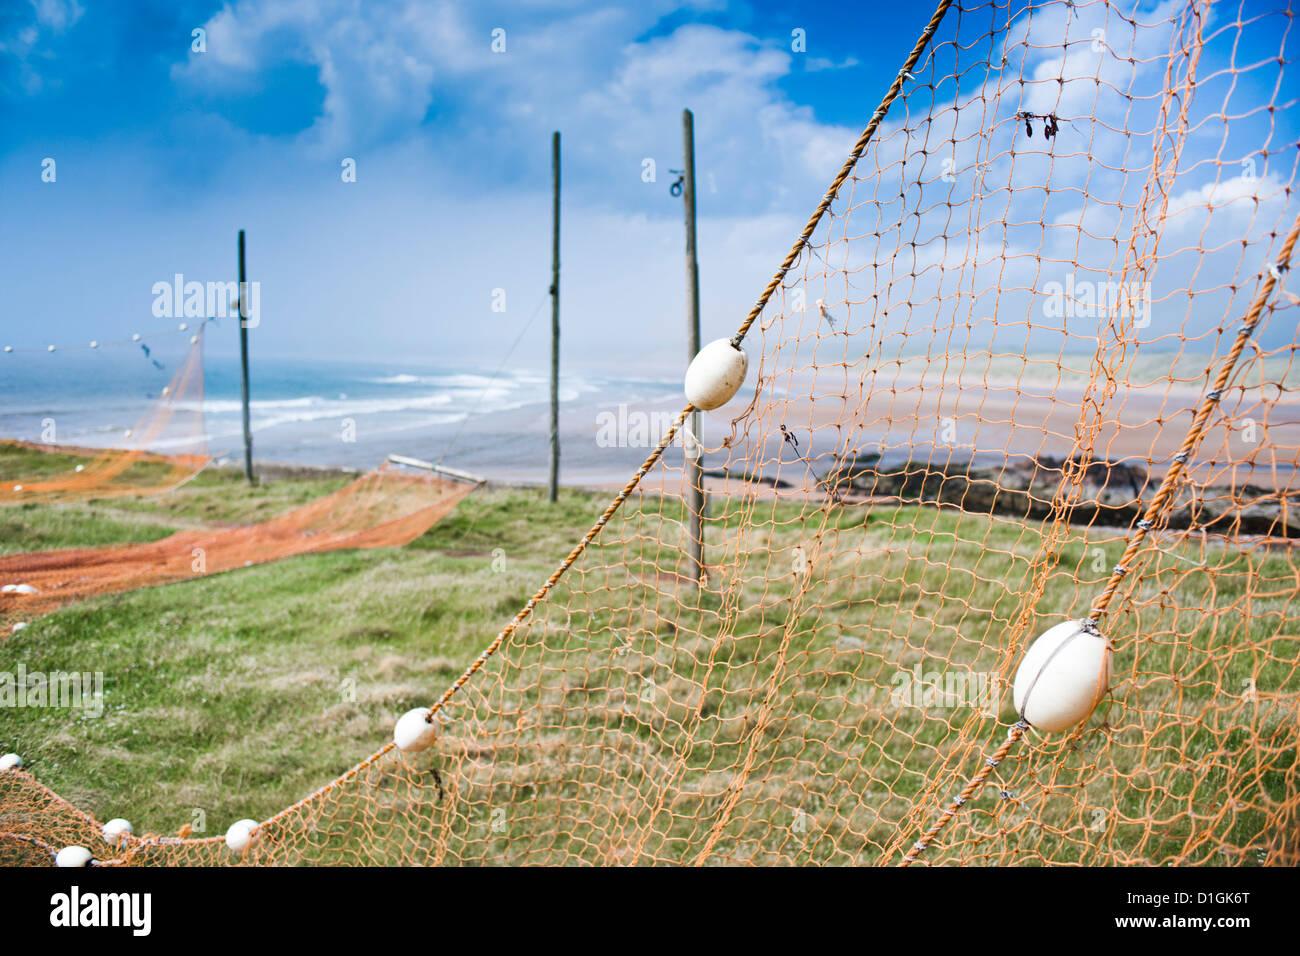 Fishing nets drying, Gourdon Bay, Scotland, United Kingdom, Europe - Stock Image